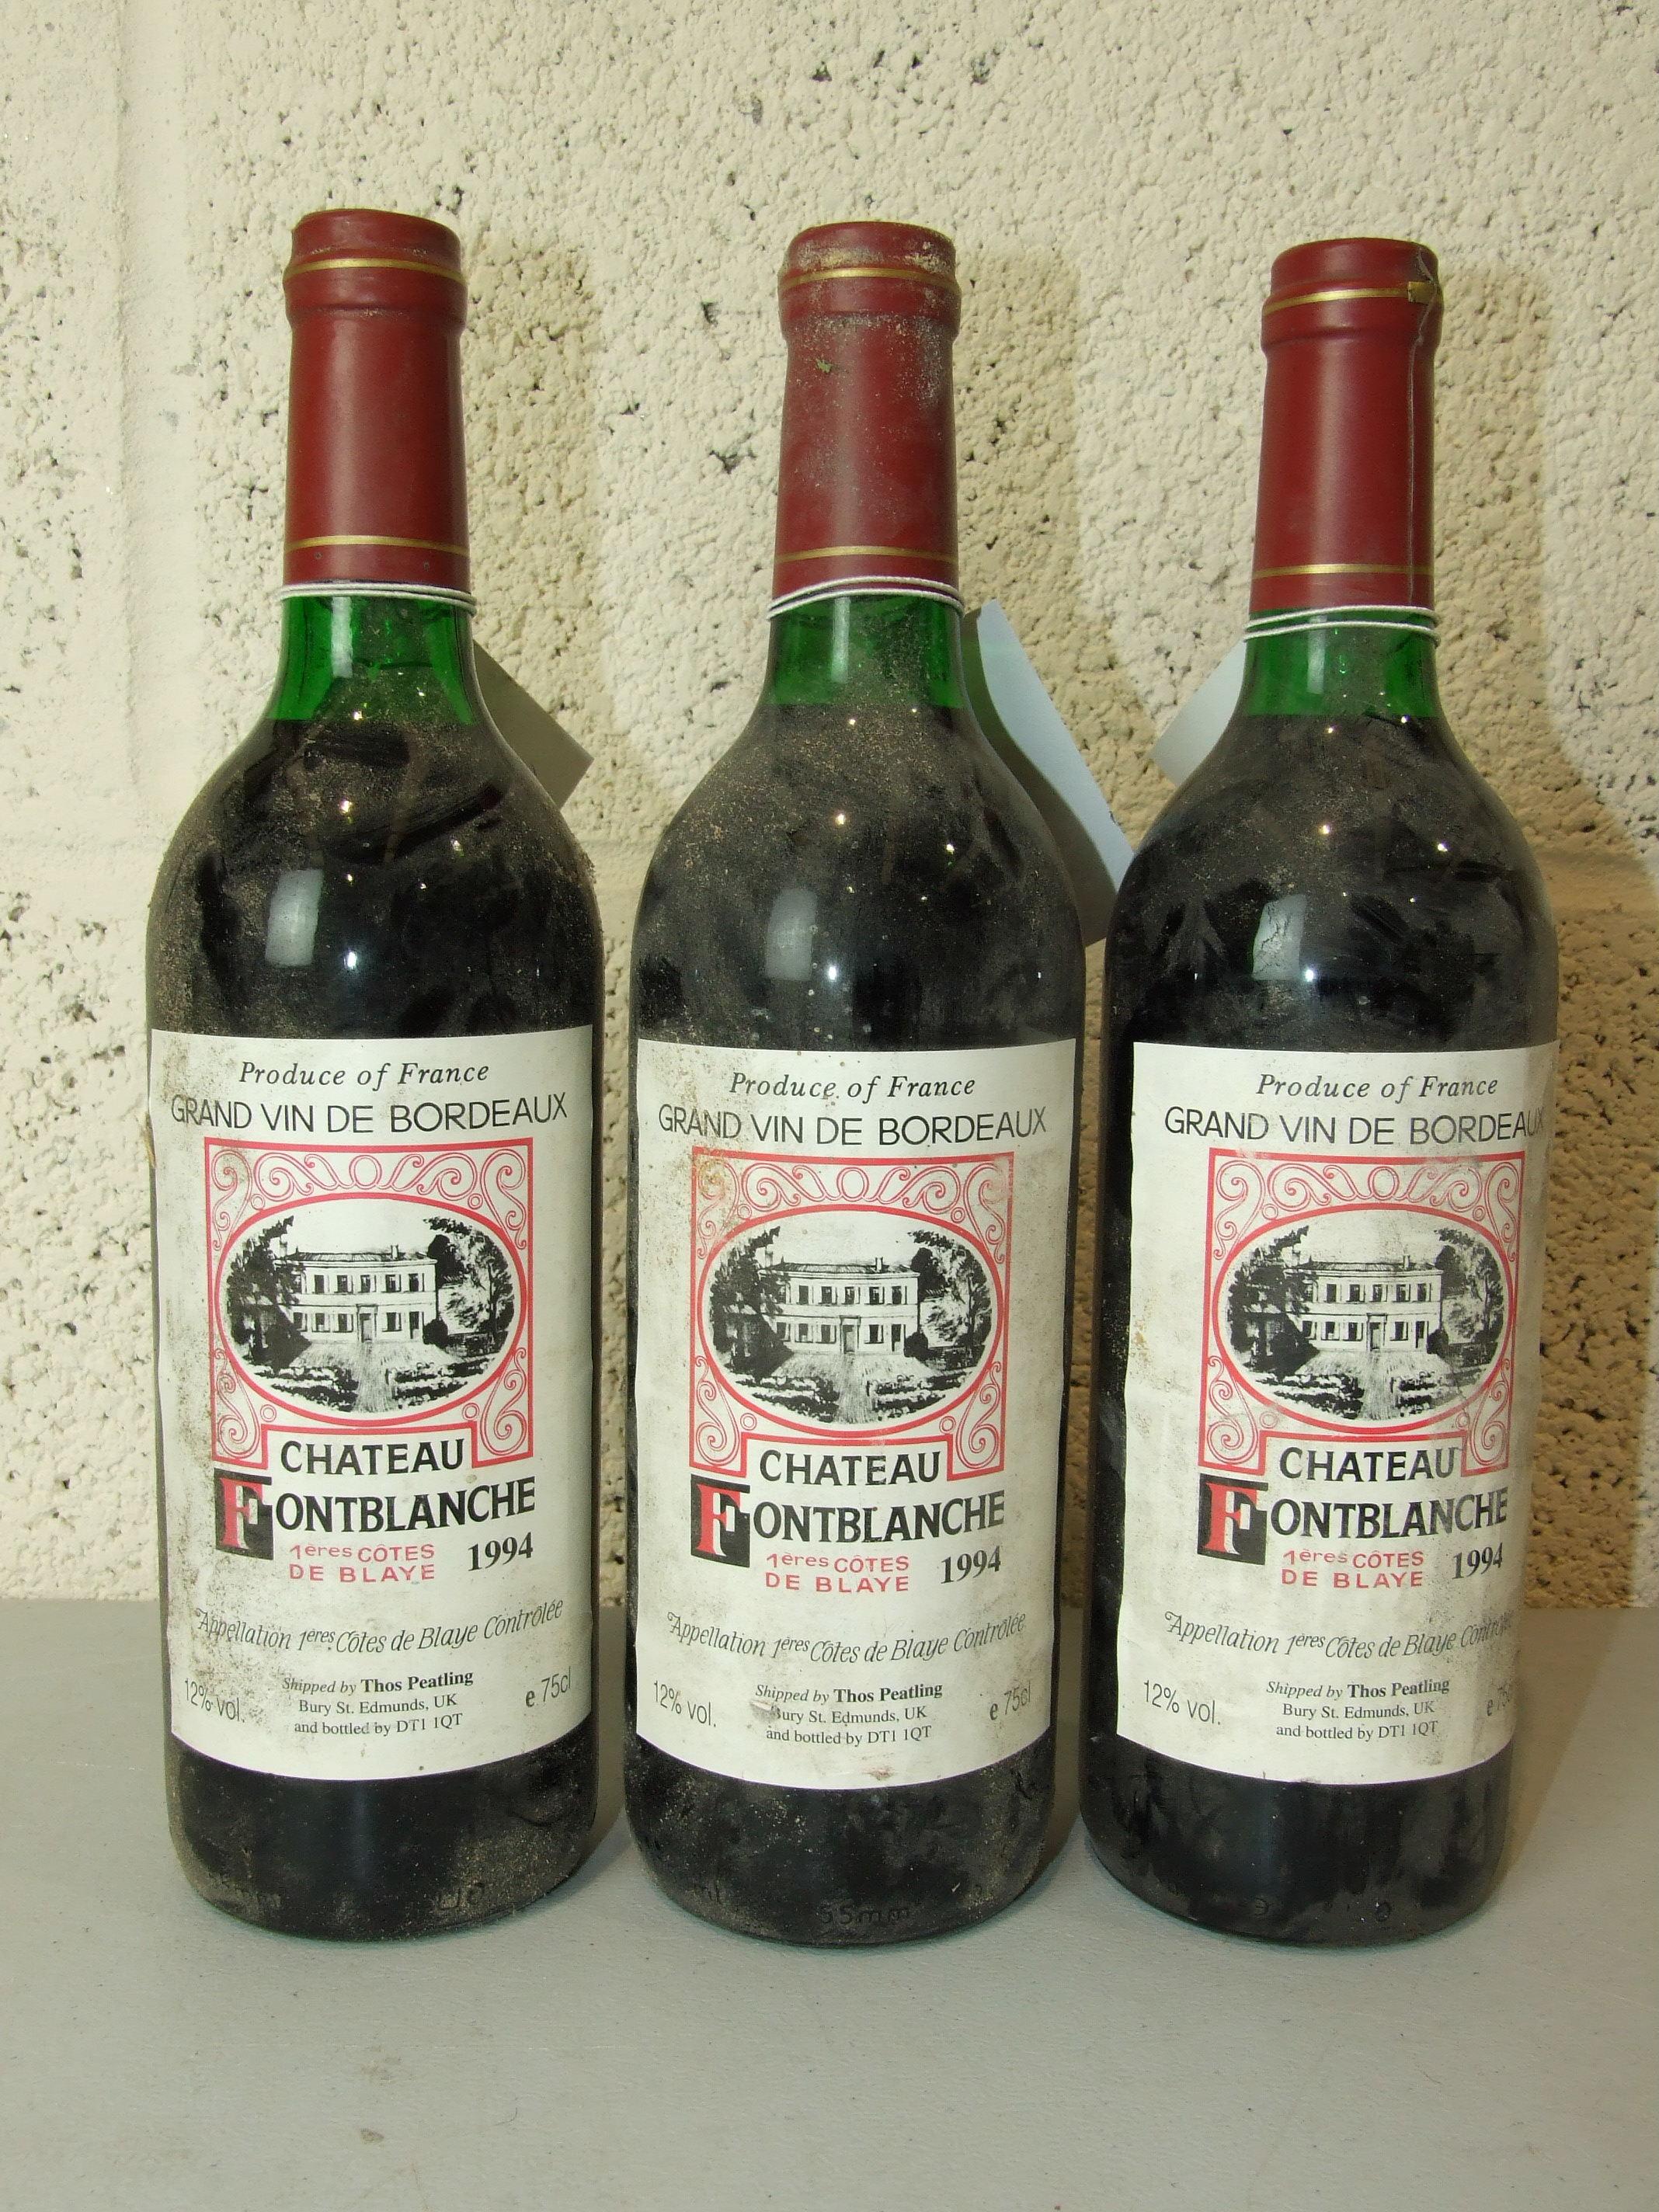 Lot 1 - France, Chateau Fontblanche 1994, high shoulder, good labels, three bottles, (3).